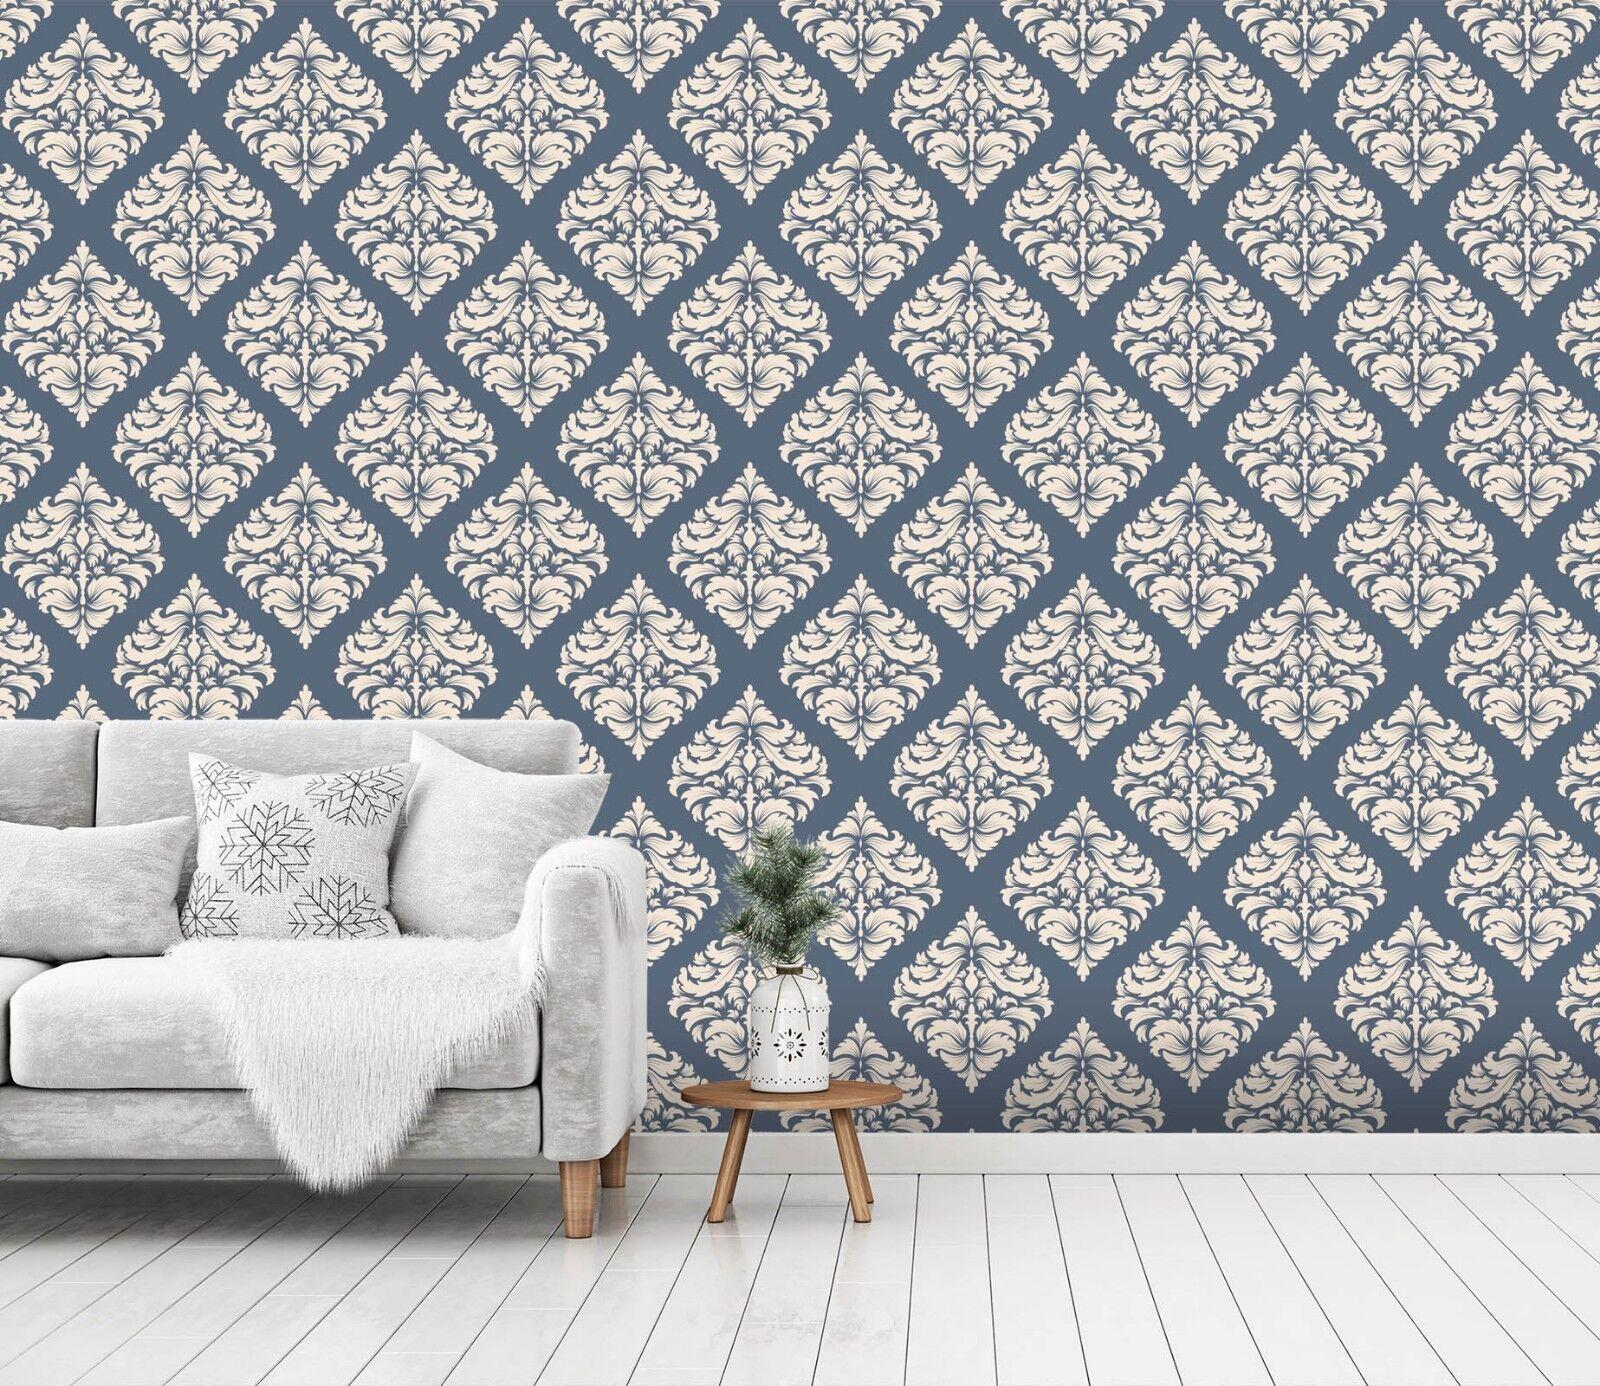 3D Schöne Muster 22 Tapete Wandgemälde Tapete Tapeten Familie Kinde DE Lemon